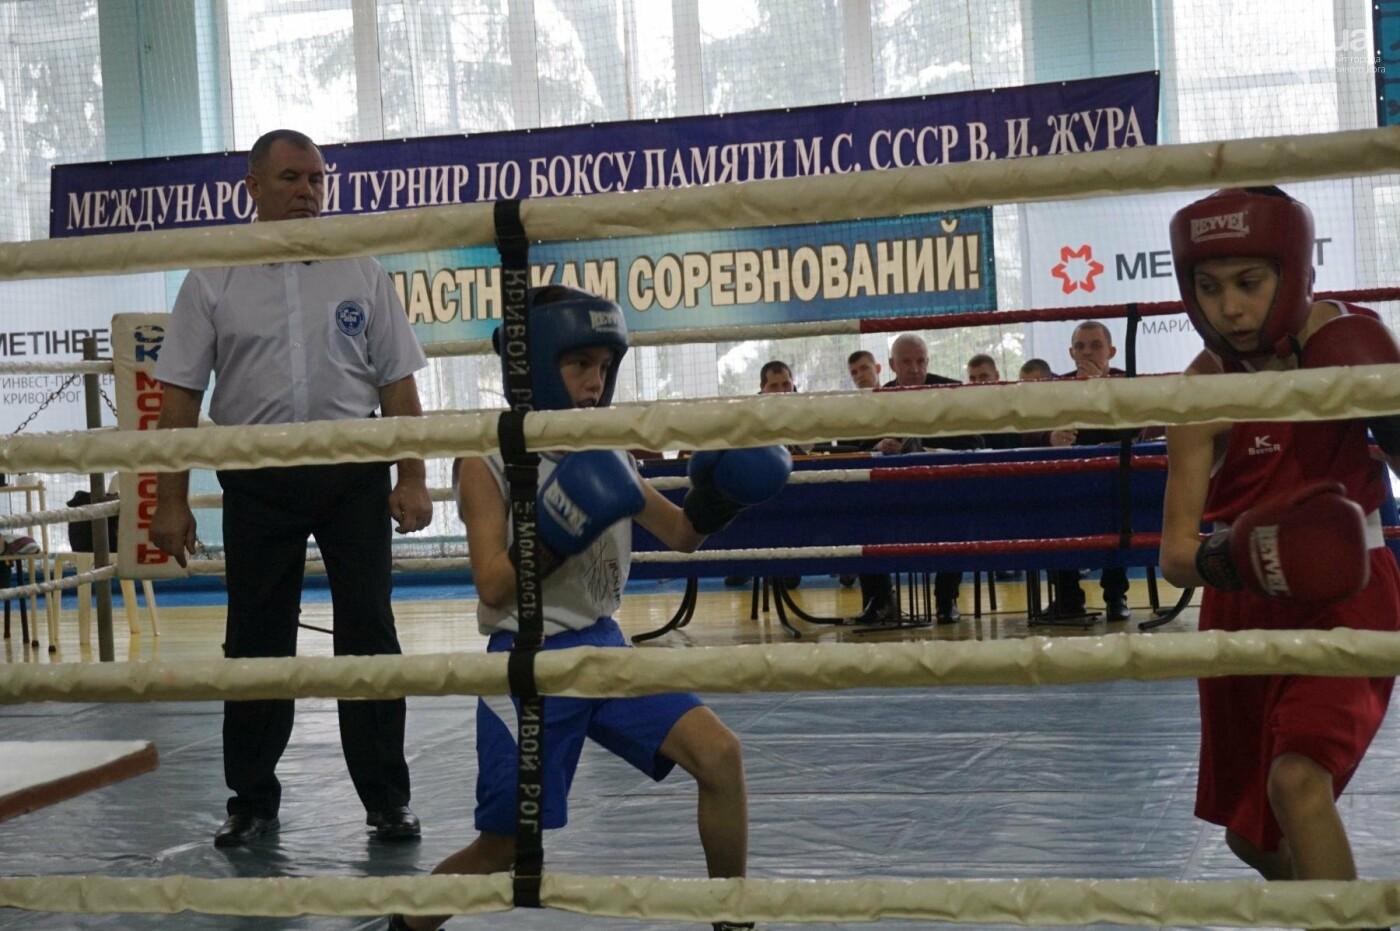 В Кривом Роге состоялся Международный турнир по боксу (ФОТО, ВИДЕО), фото-38